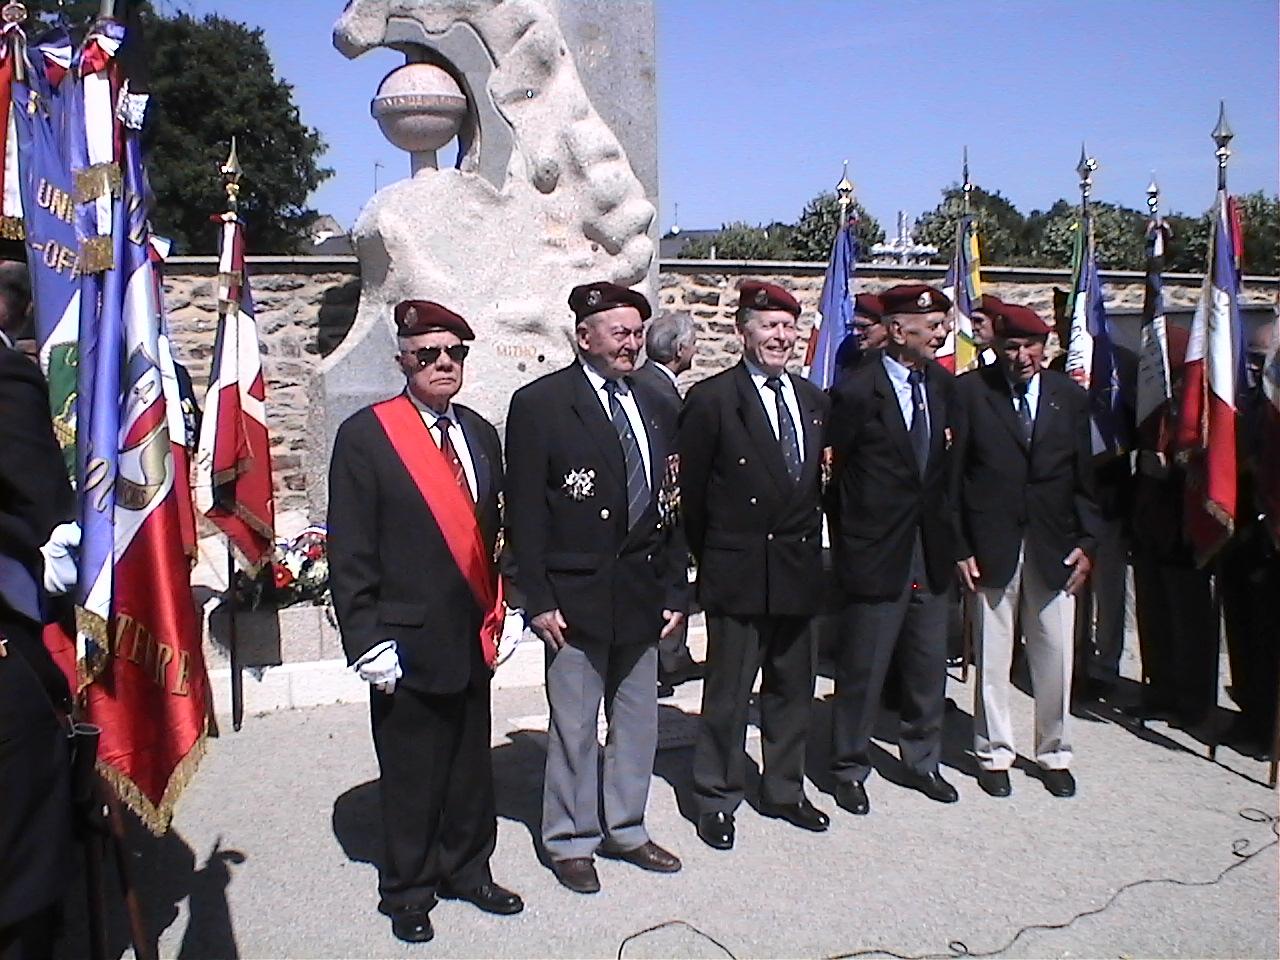 Cérémonie en hommage au Général BIGEARD au mémorial de Lauzach (56) 873142DVC02522